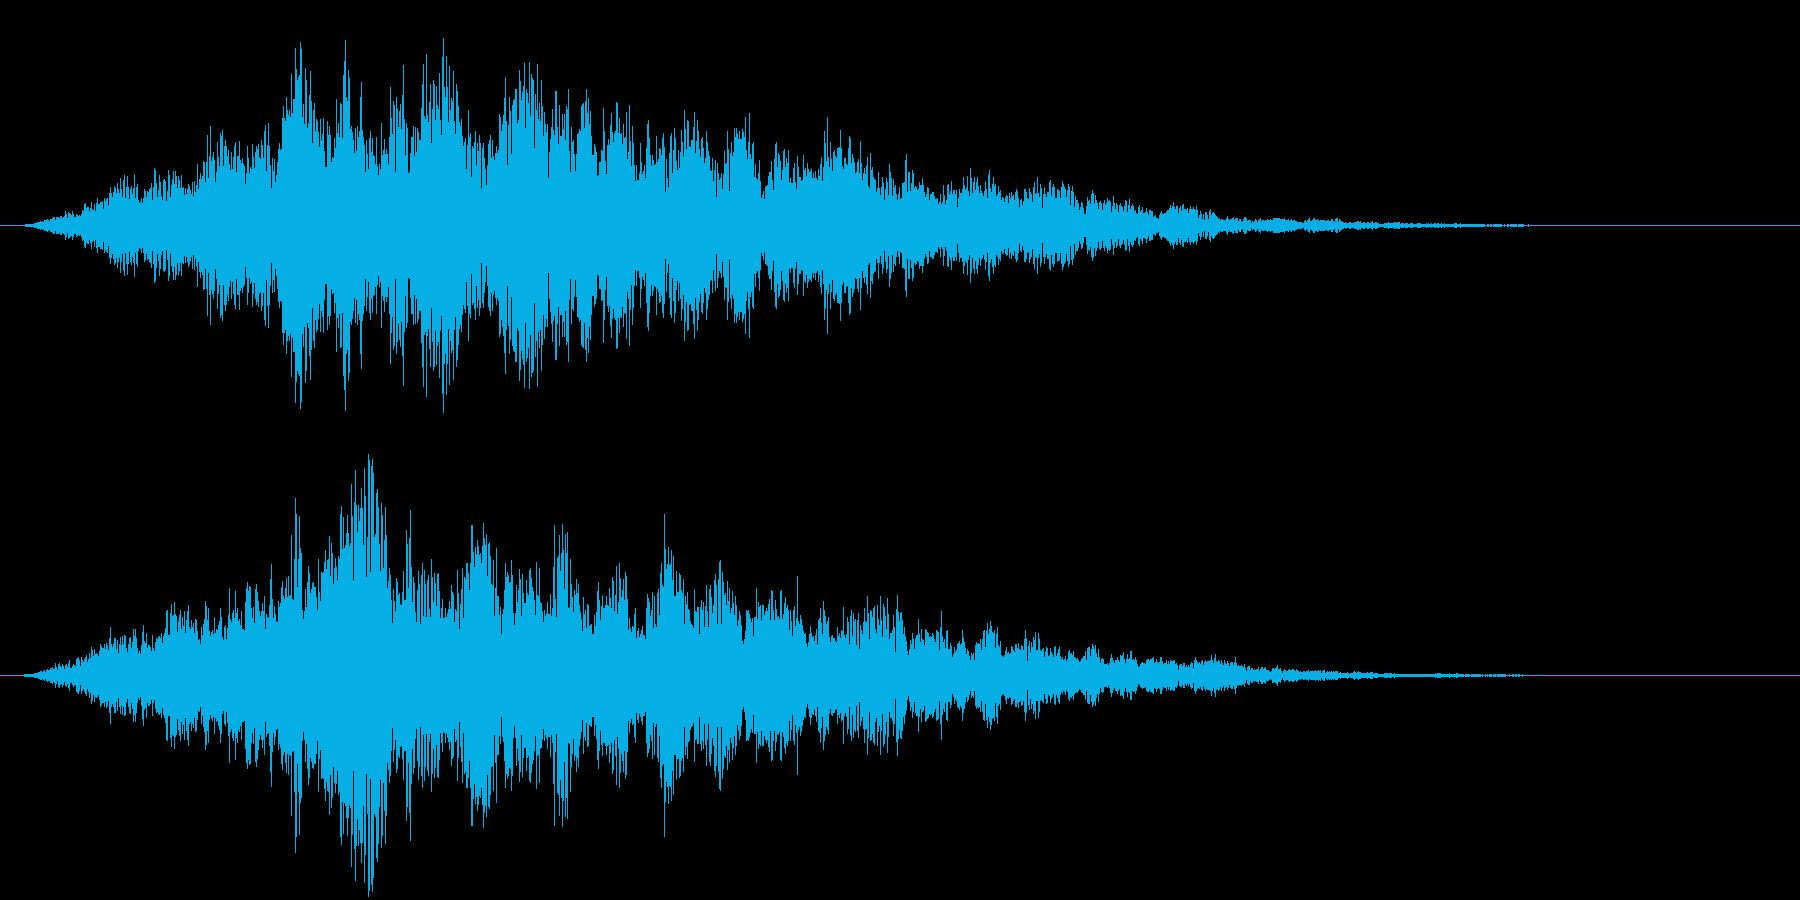 パァー(光り輝く音)の再生済みの波形